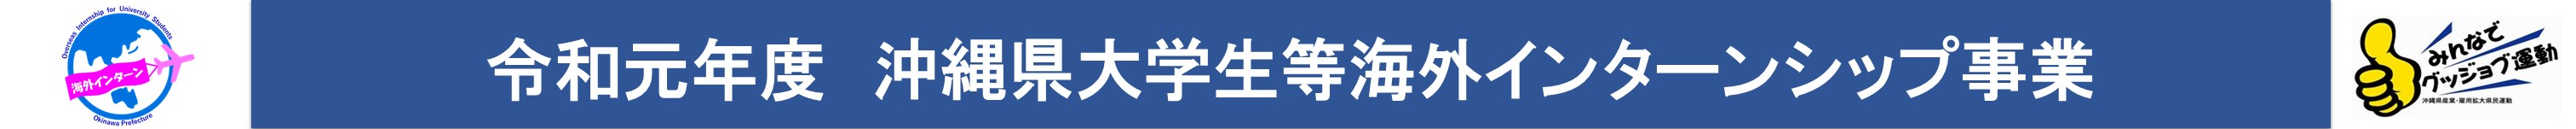 沖縄県大学生等海外インターンシップ事業